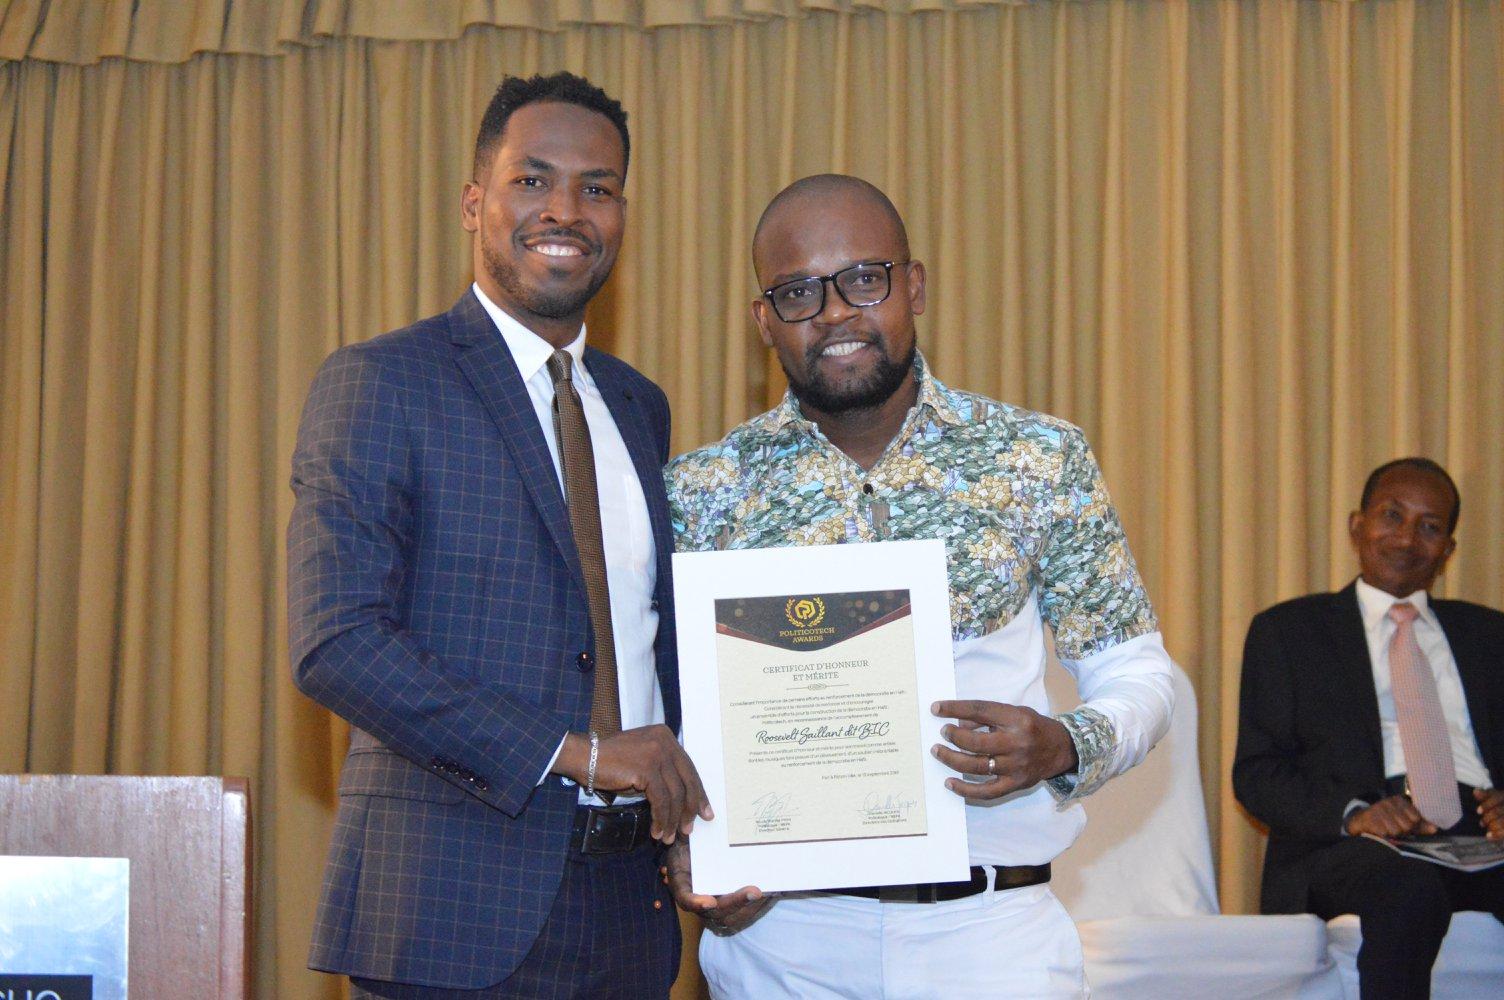 Roosevelt BIC Saillant, honoré dans le cadre de la première édition de Politico Tech Awards